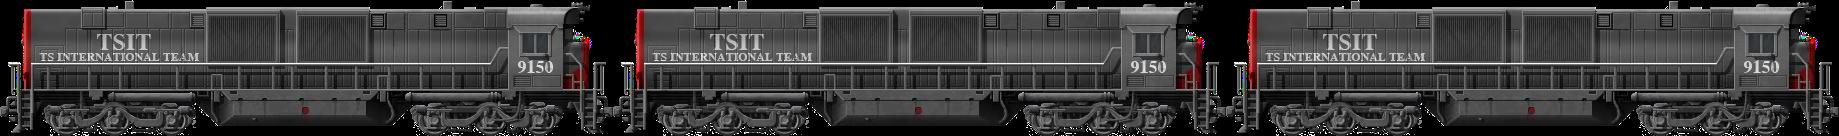 ALCO C-643DH Triple